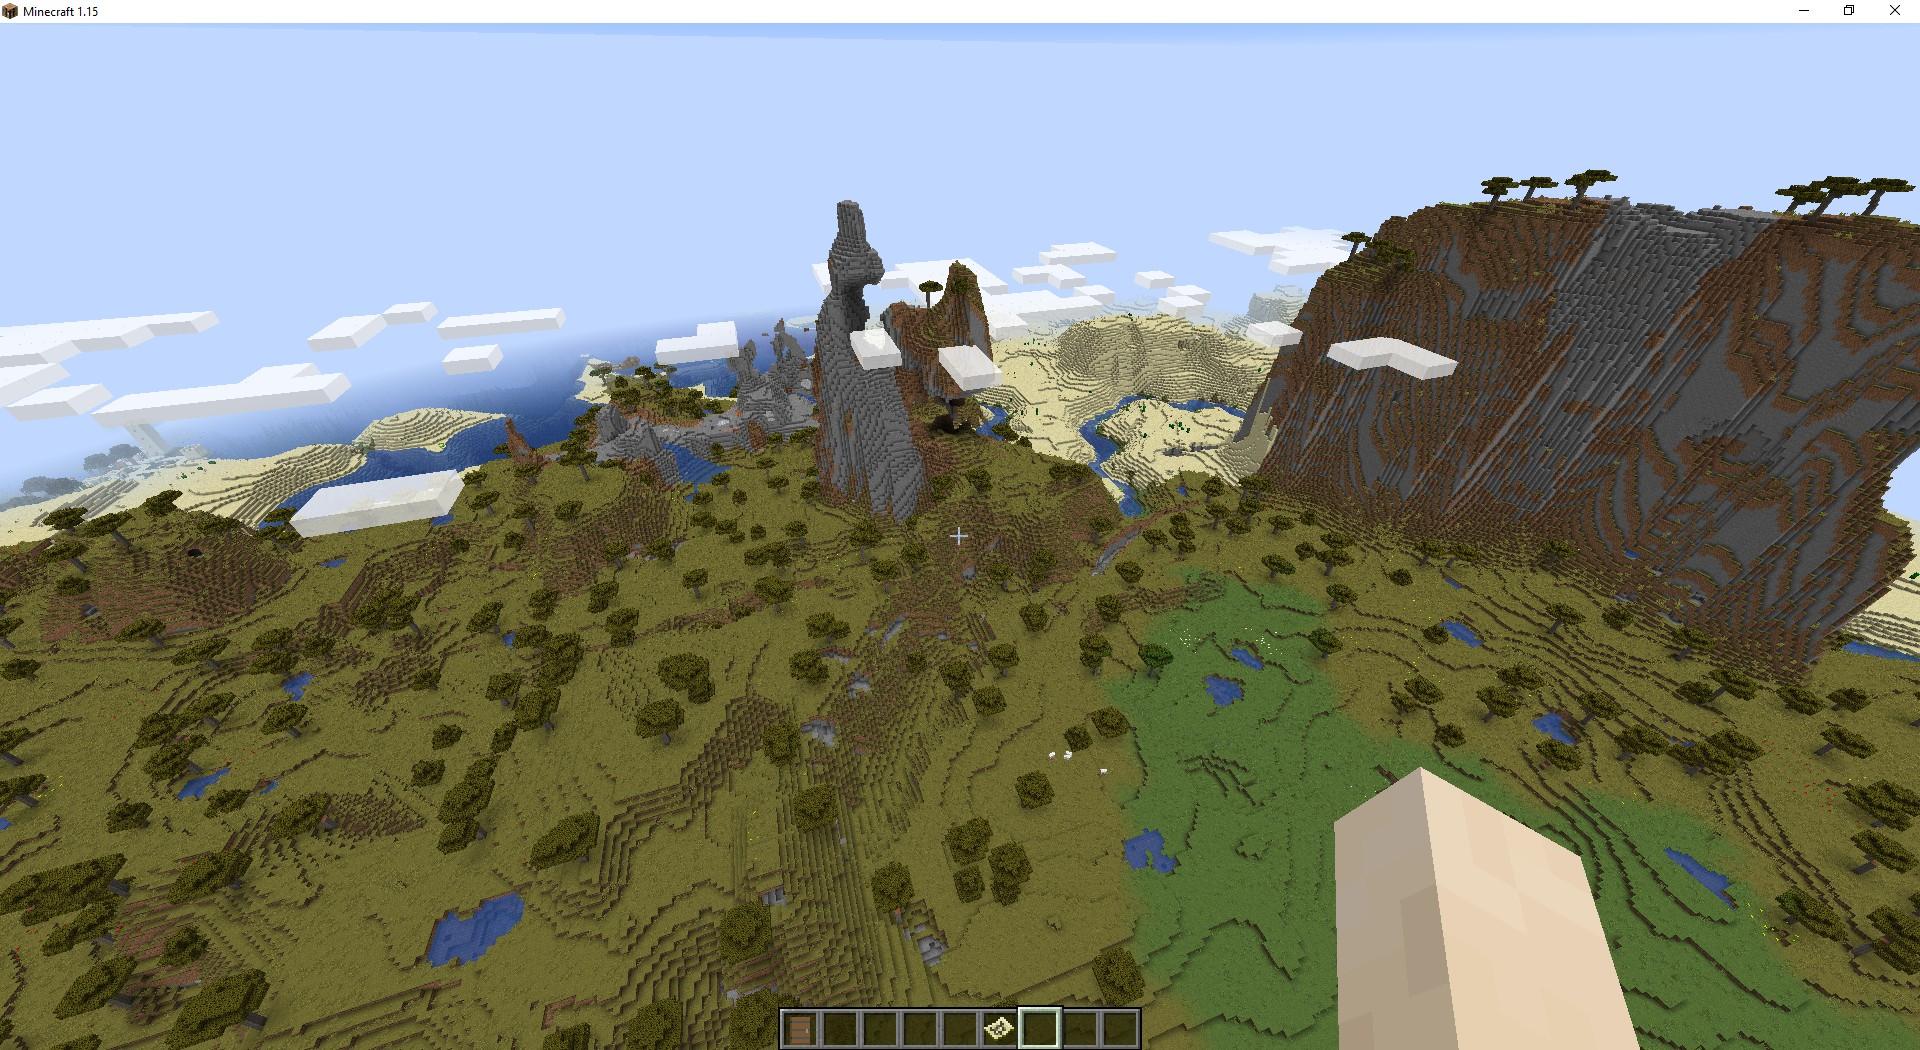 Сид «Деревня в пустыне и корабль» - скриншот 10